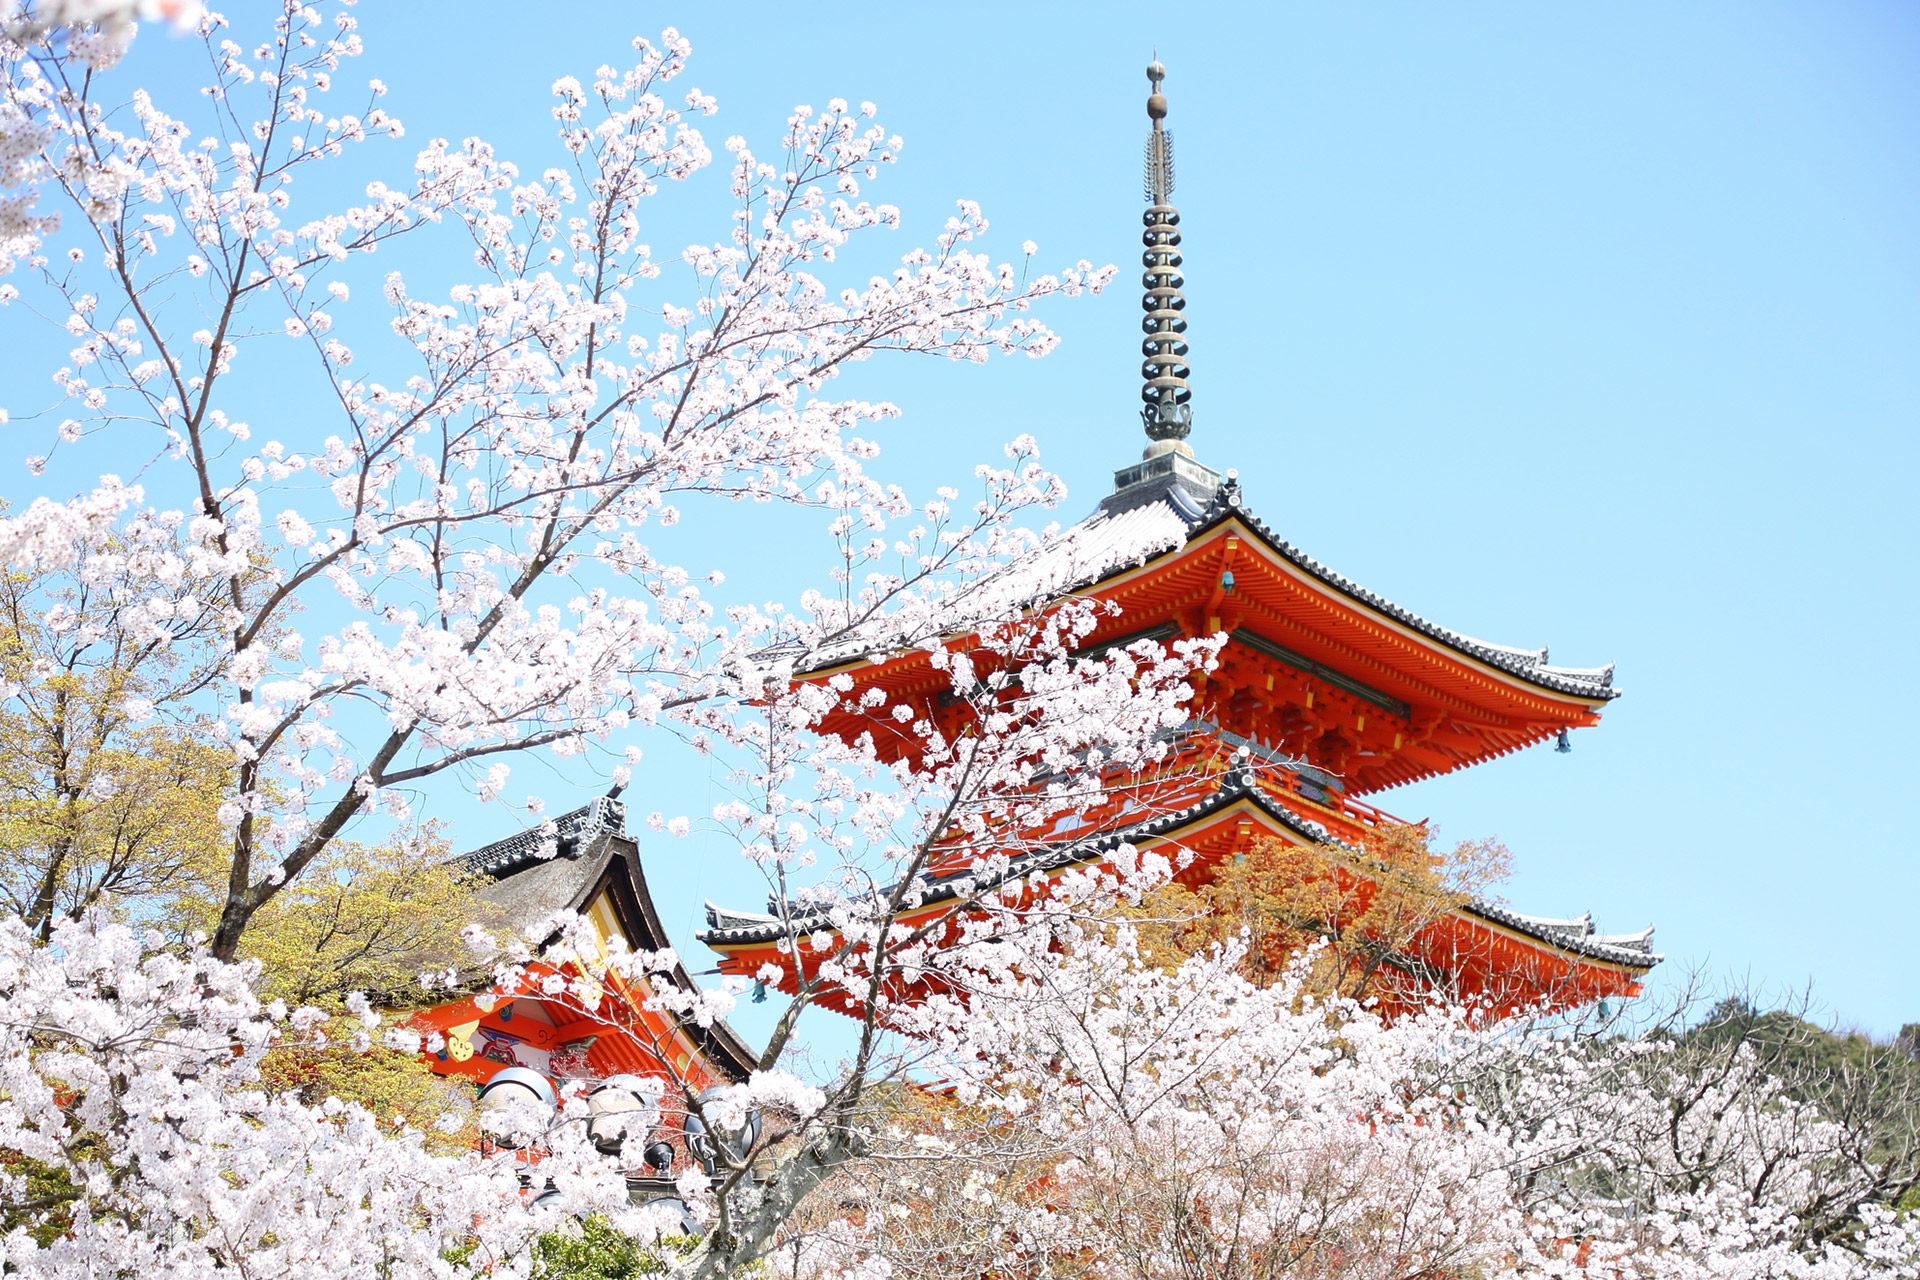 京都-五重塔-桜-イメージ